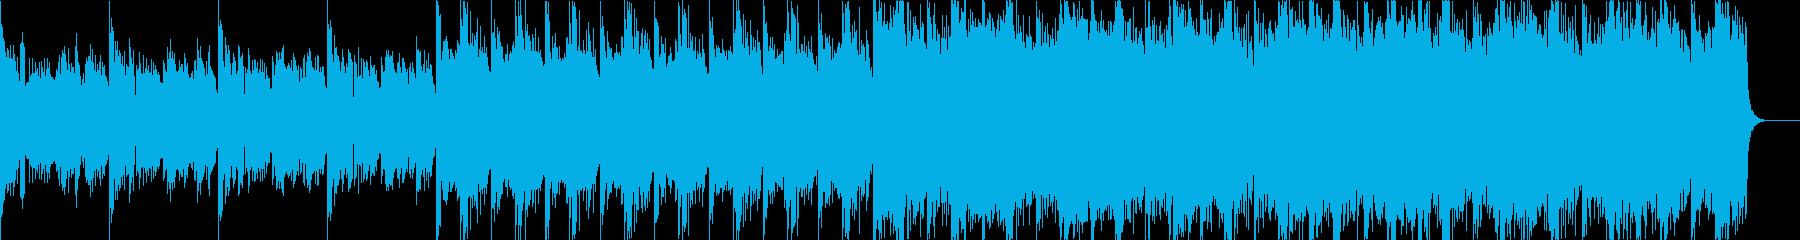 アクションゲームに使えそうなBGMの再生済みの波形